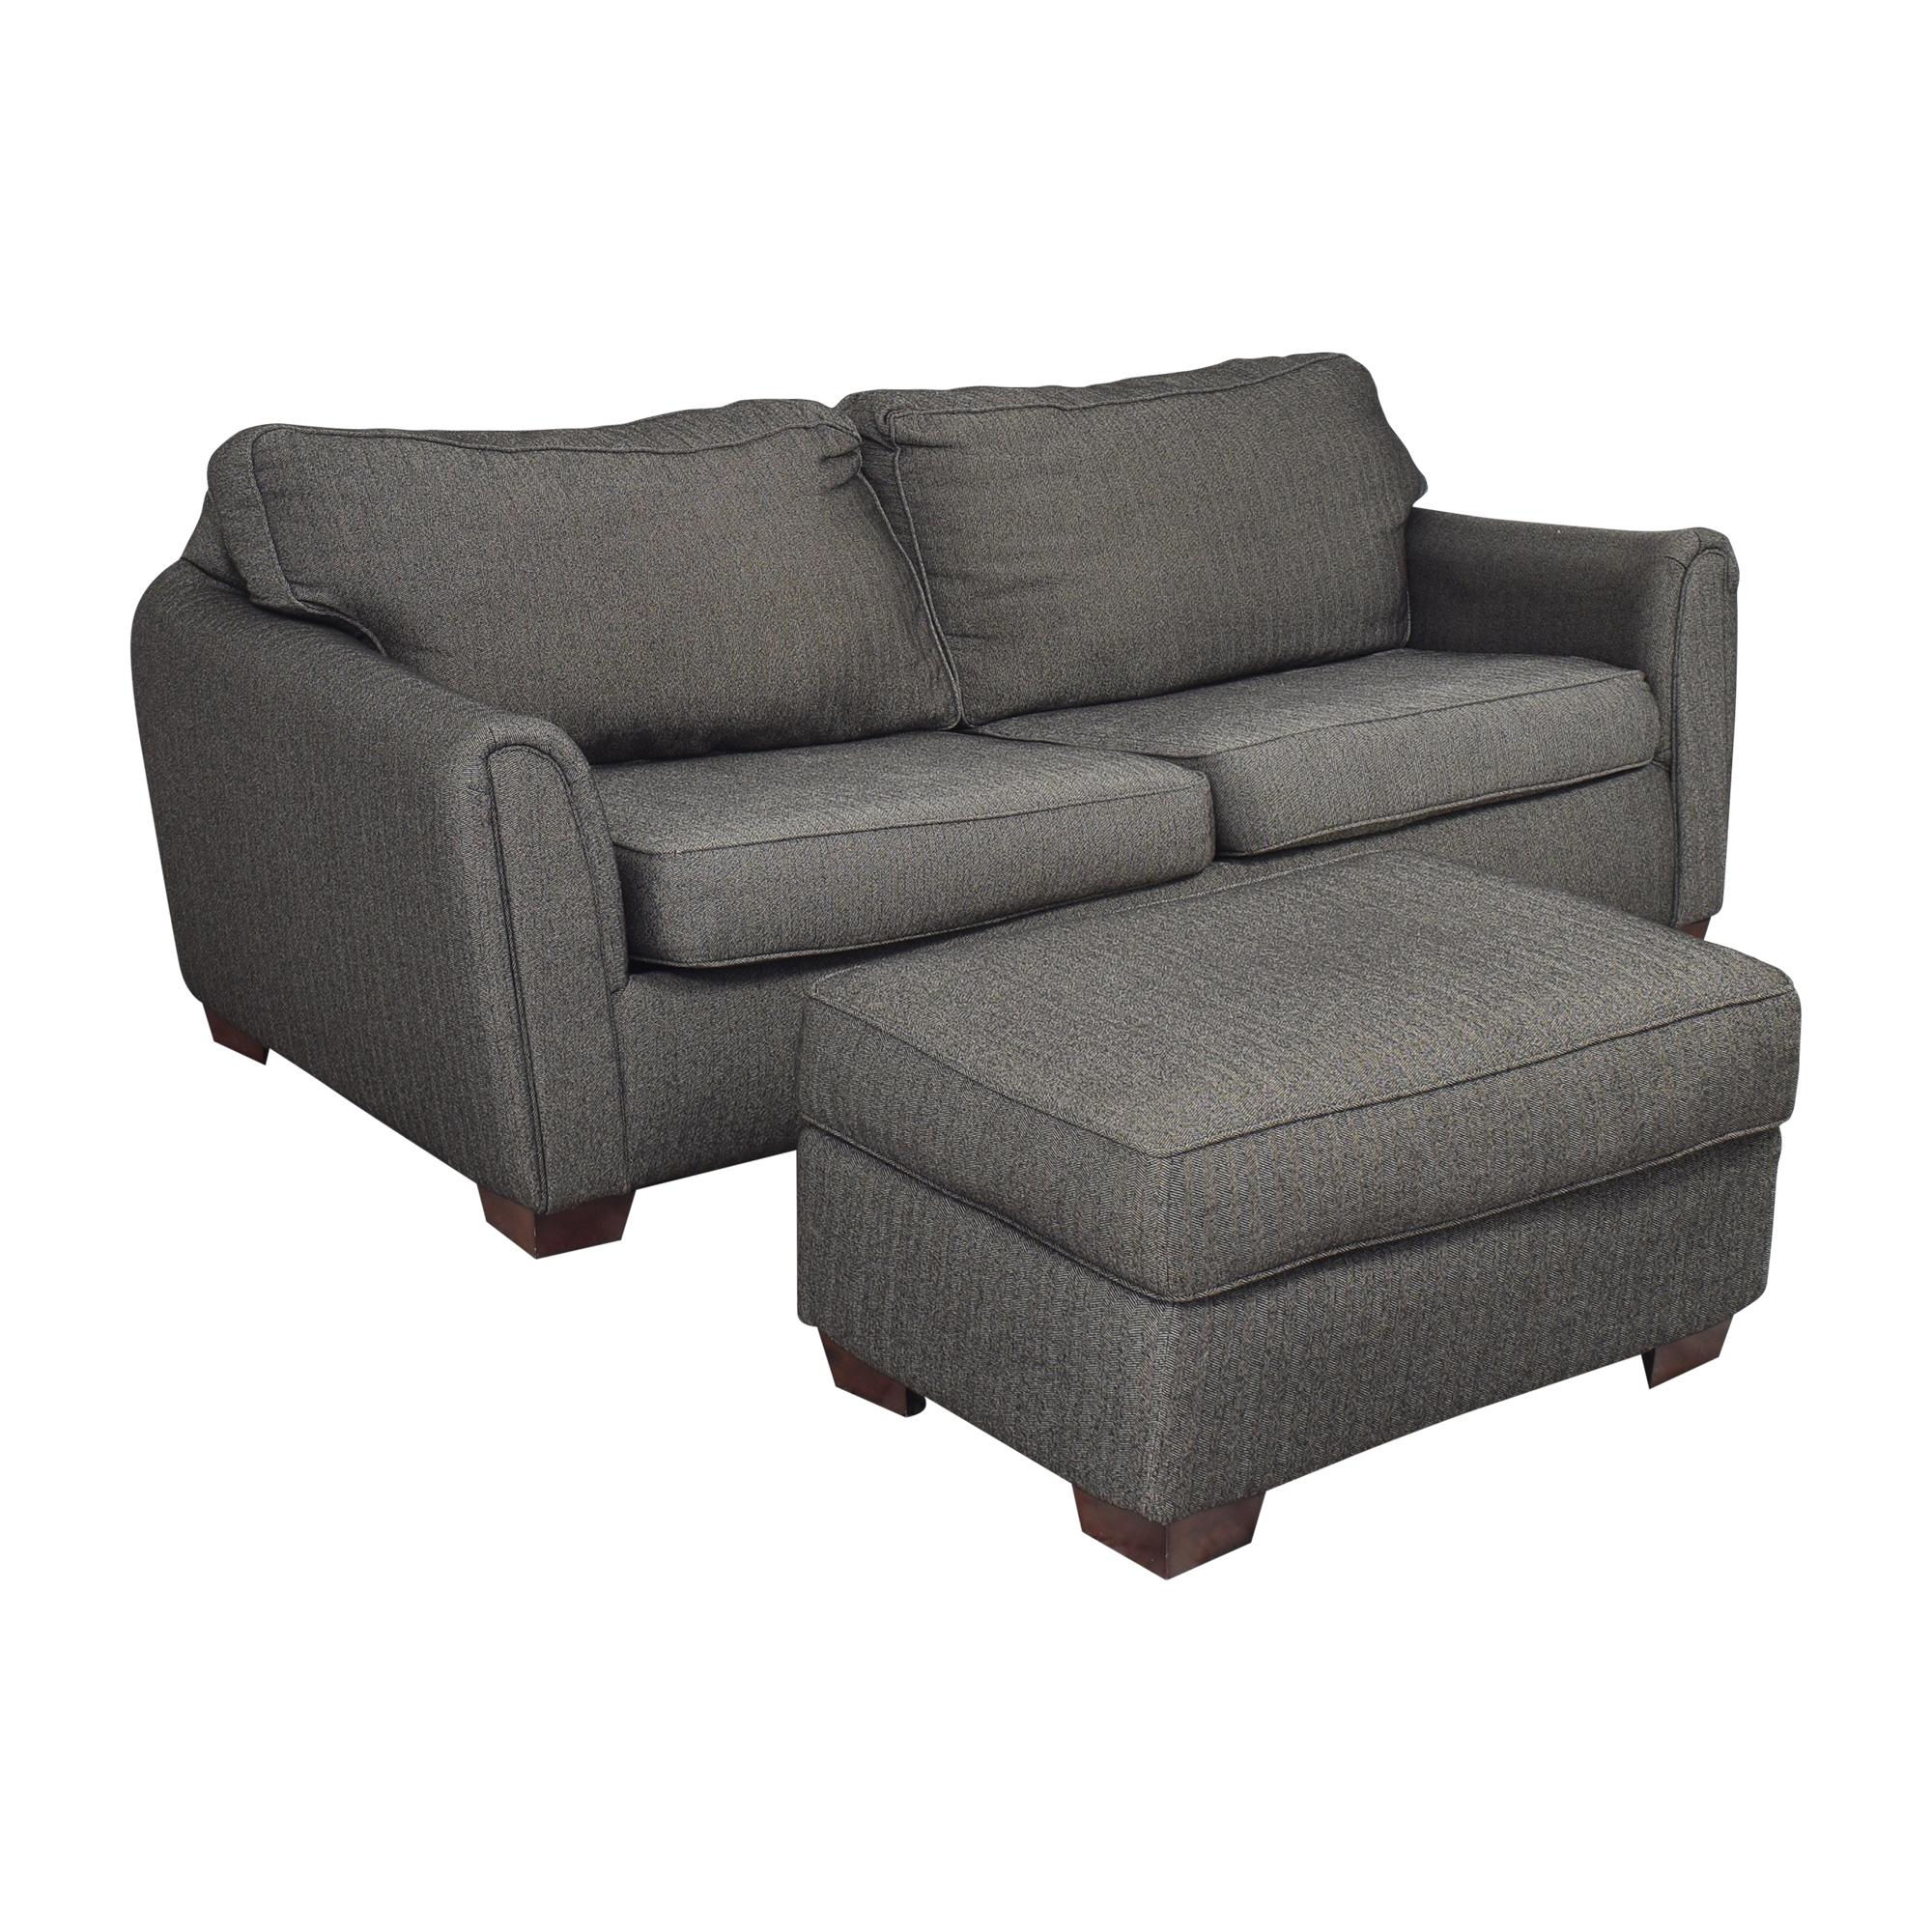 Corinthian Corinthian Contemporary Sofa with Ottoman